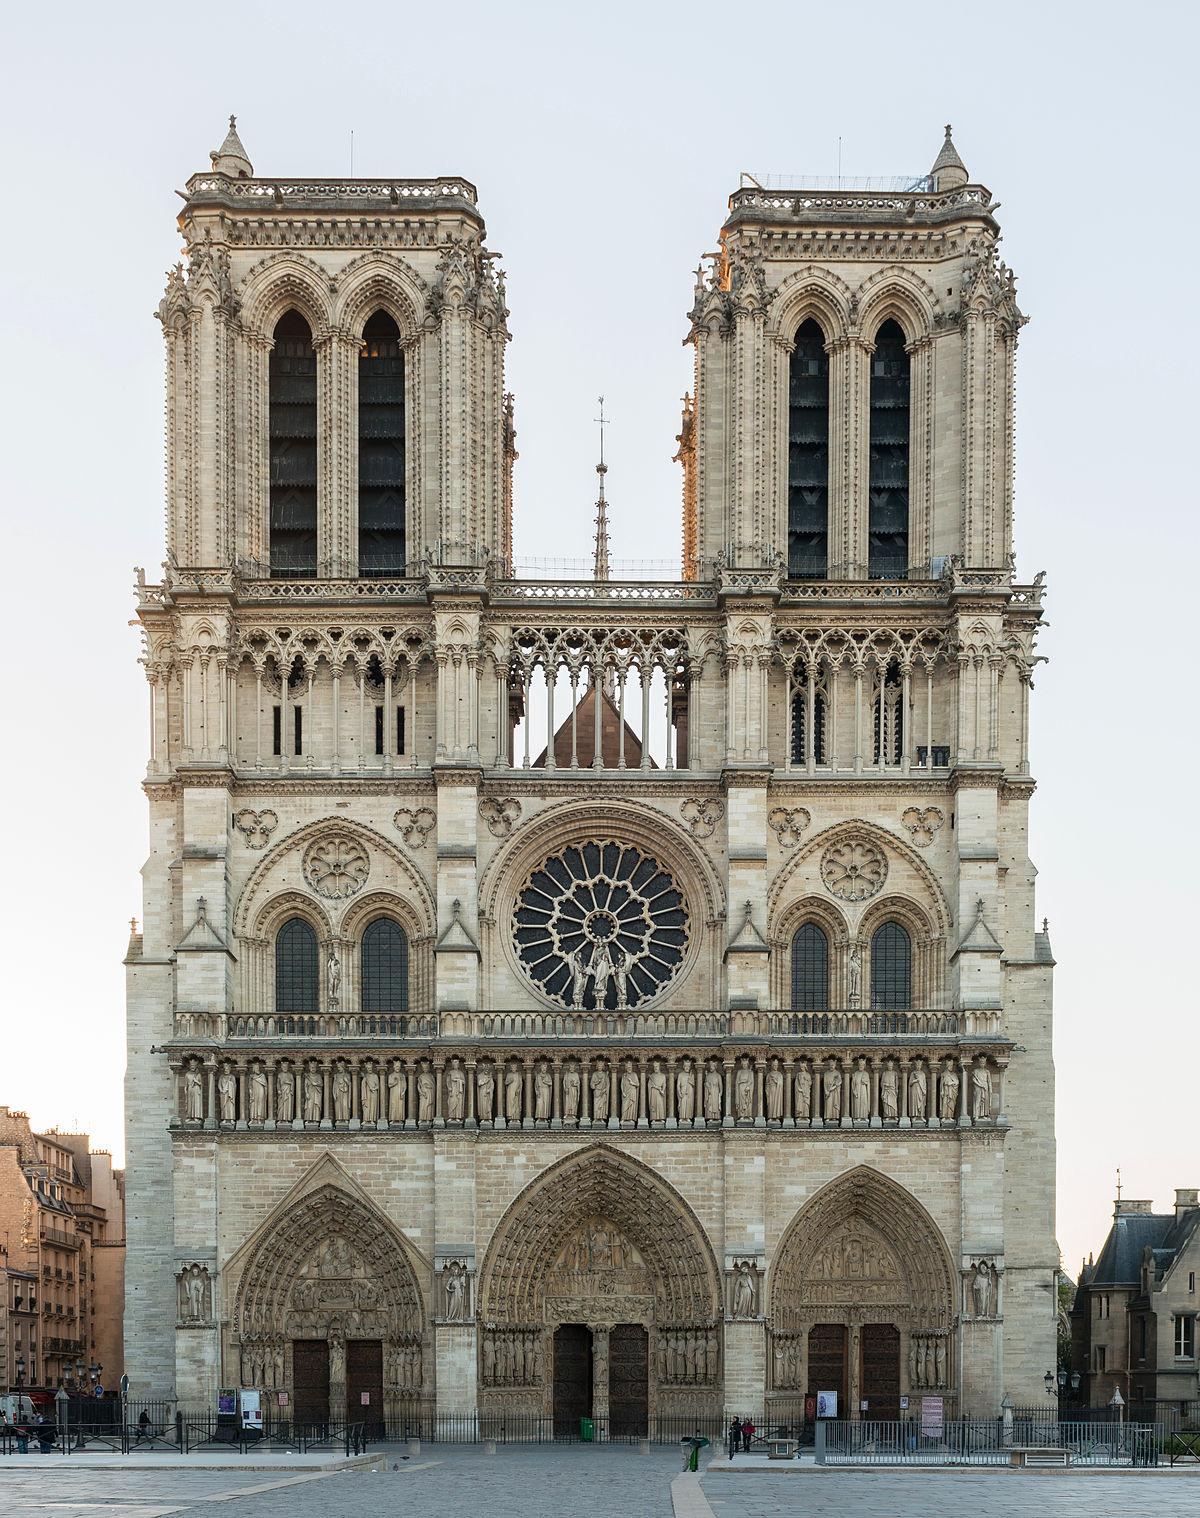 Cathédrale_Notre-Dame_de_Paris_20_March_2014.jpg